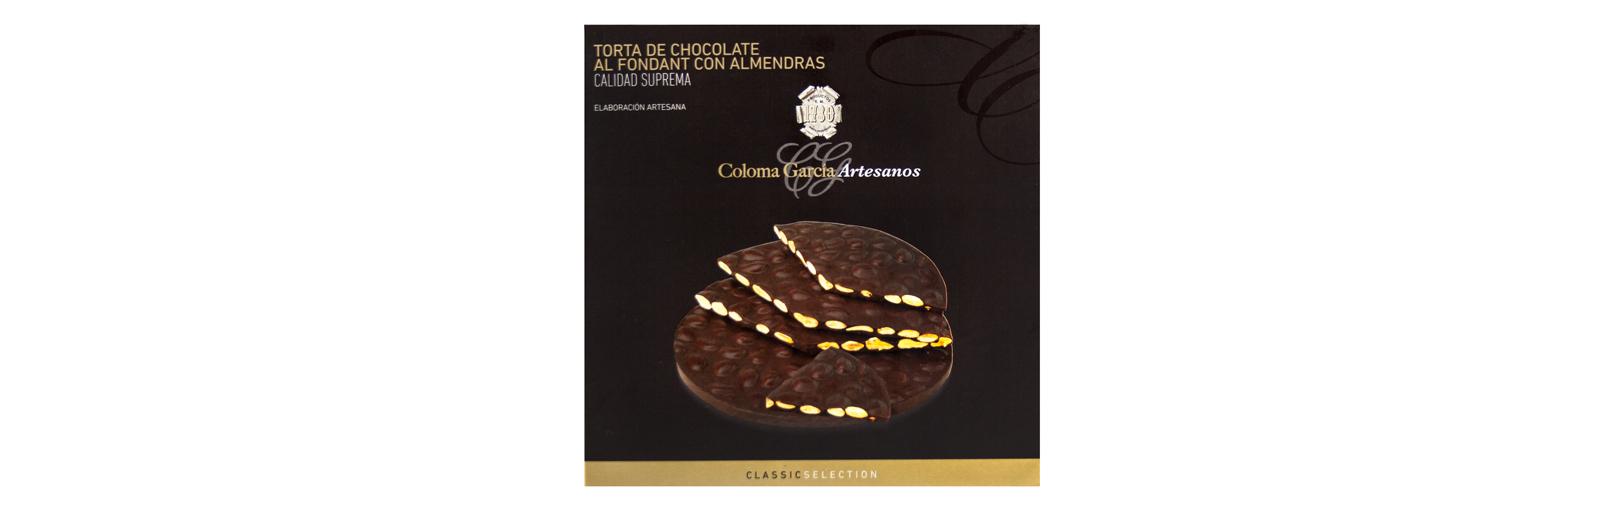 TORTA DE CHOCOLATE AL FONDANT